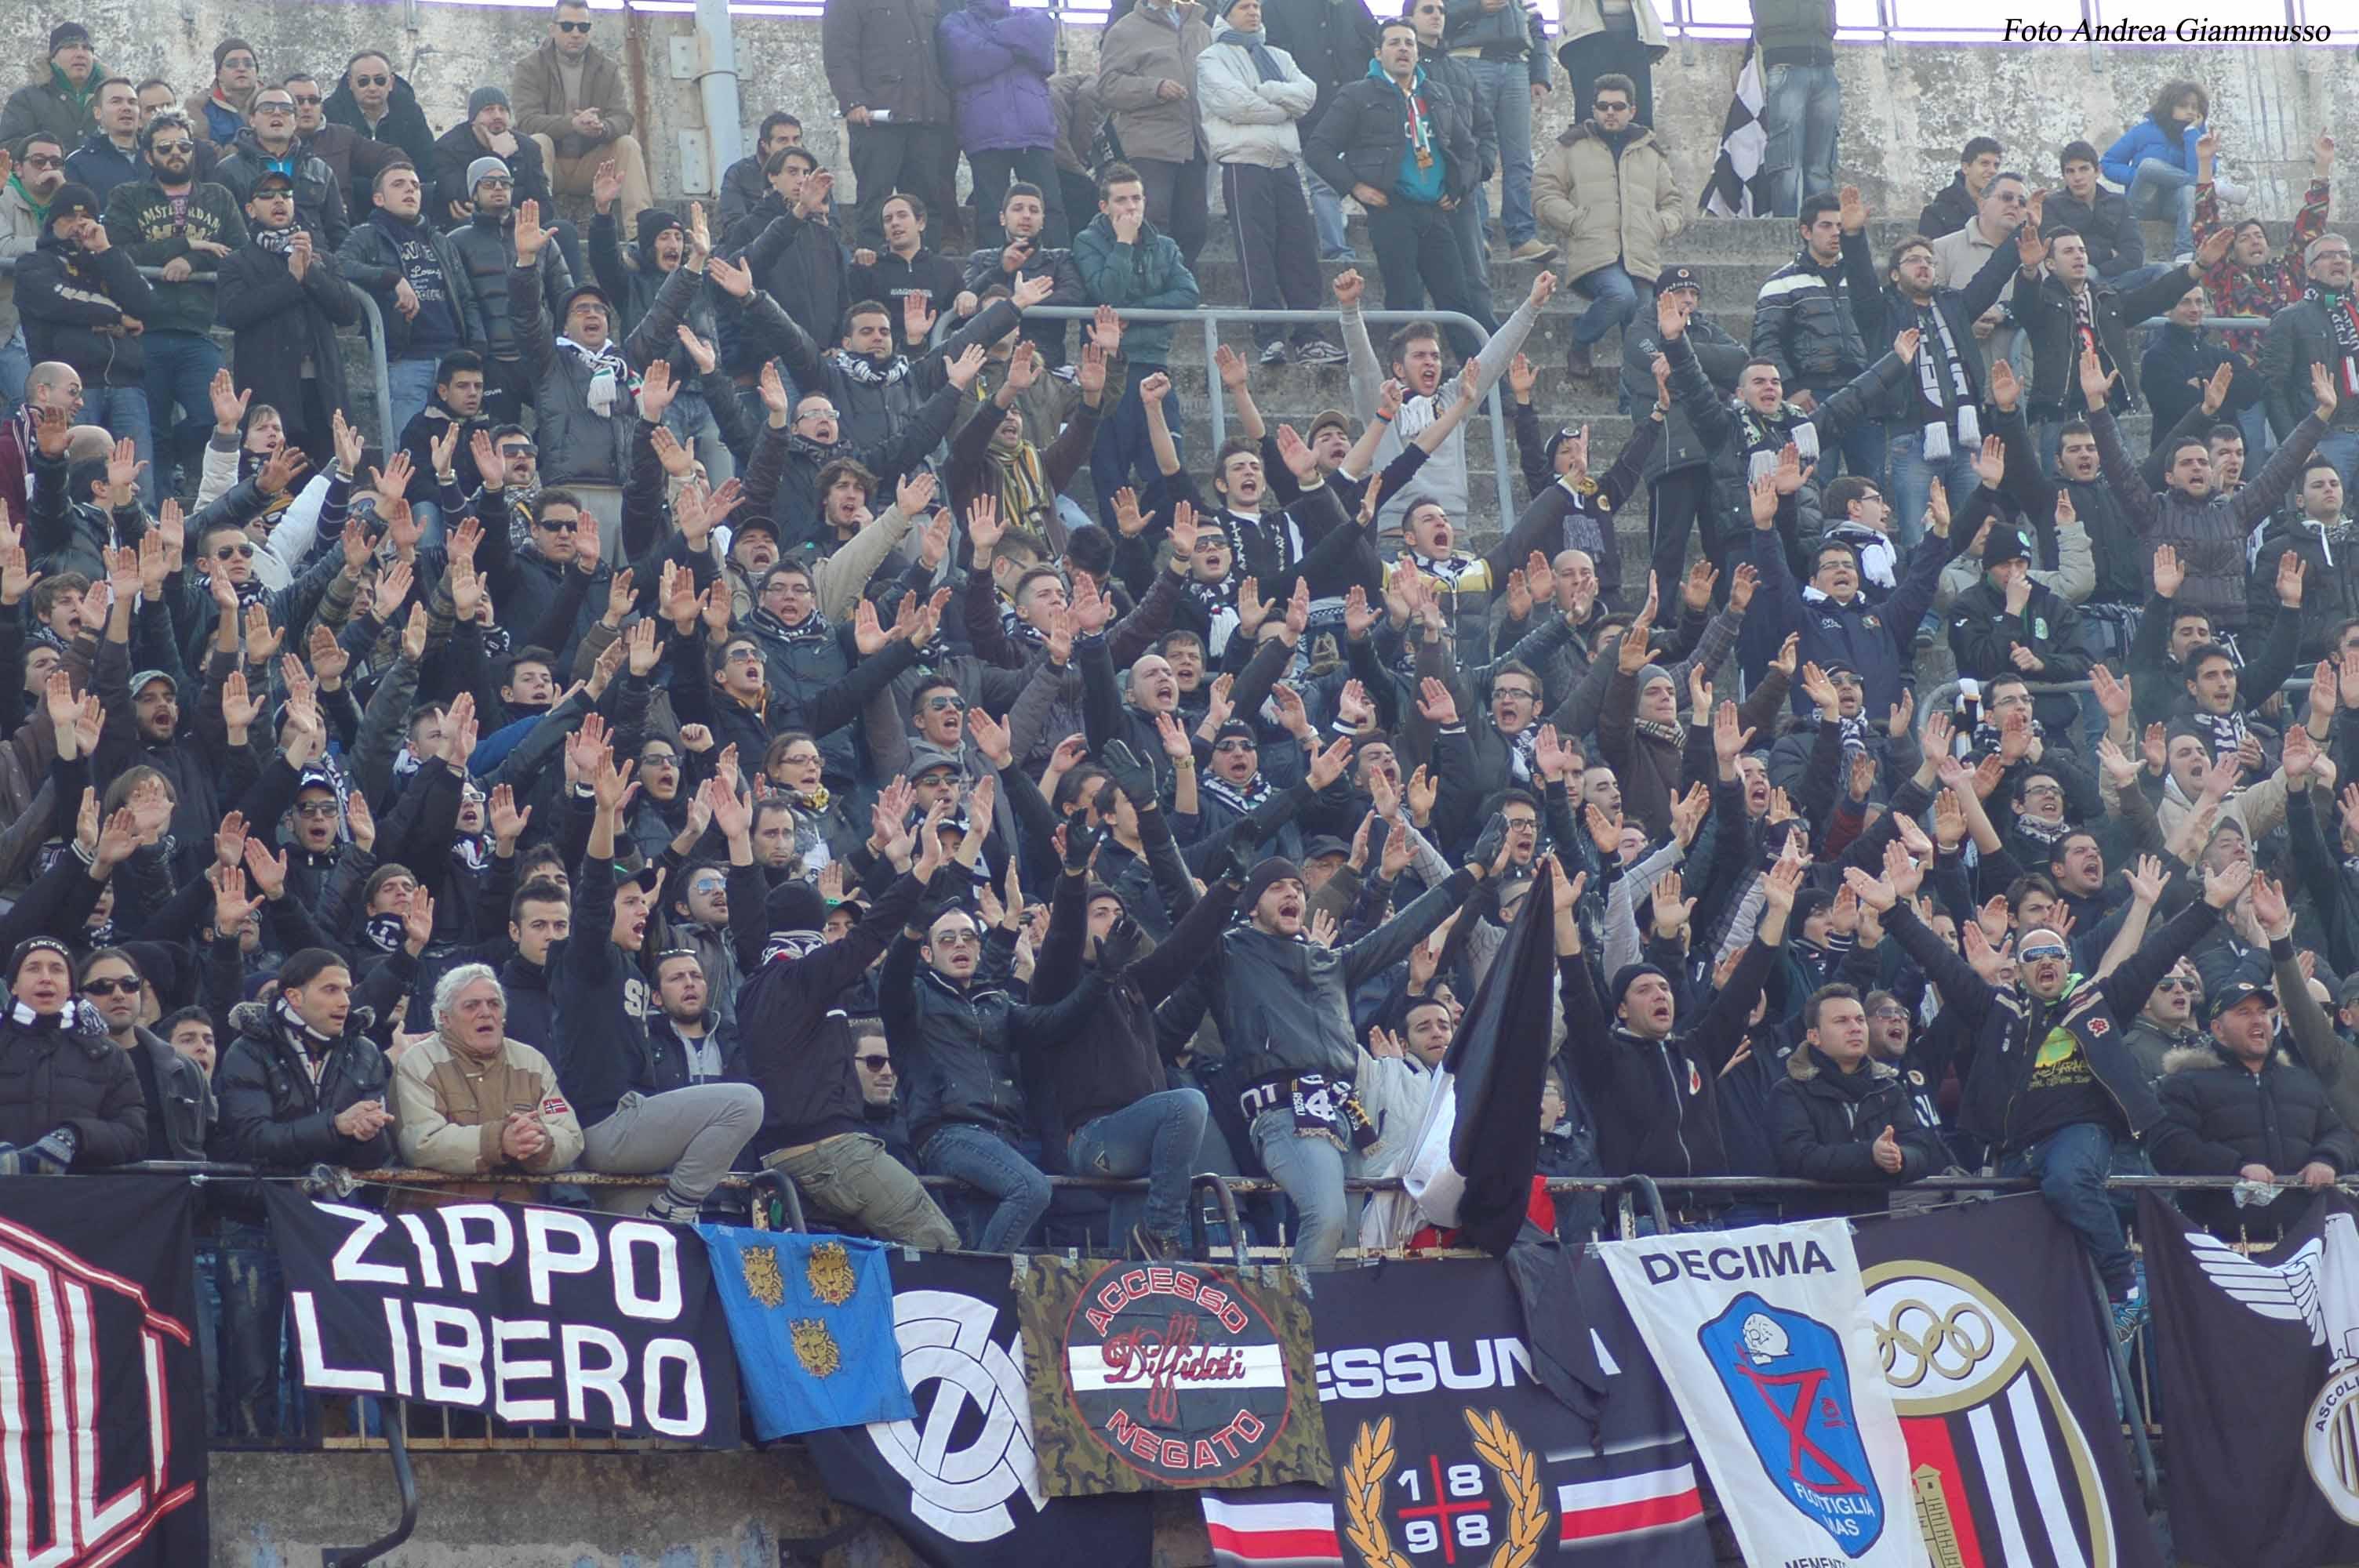 La curva in Ascoli-Gubbio. L'iniziativa Biglietto Amico non ha avuto successo